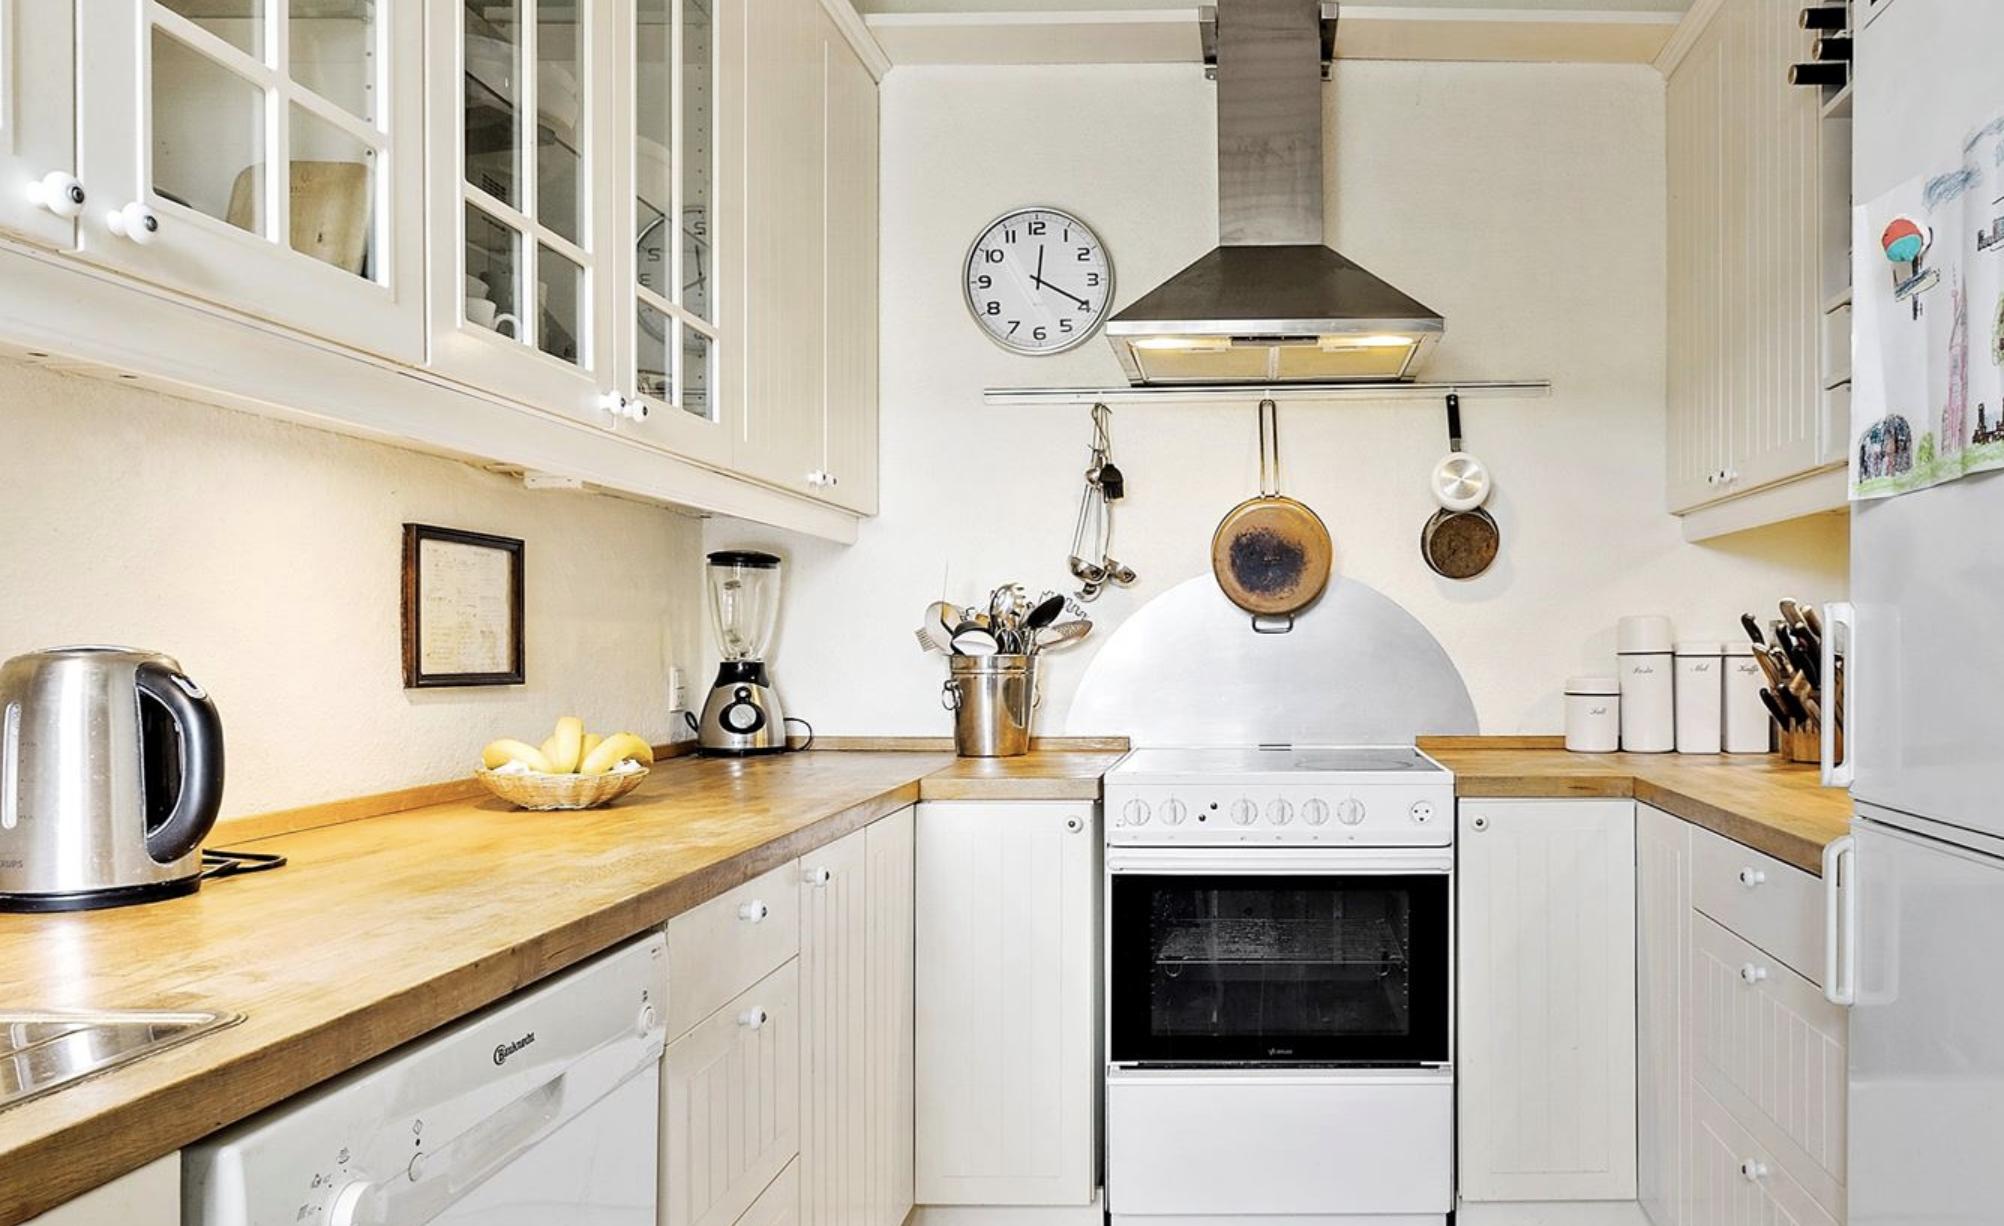 Det hyggelige køkken på Larsen Stevns Vænge 30 kan let omdannes til et køkkenalrum